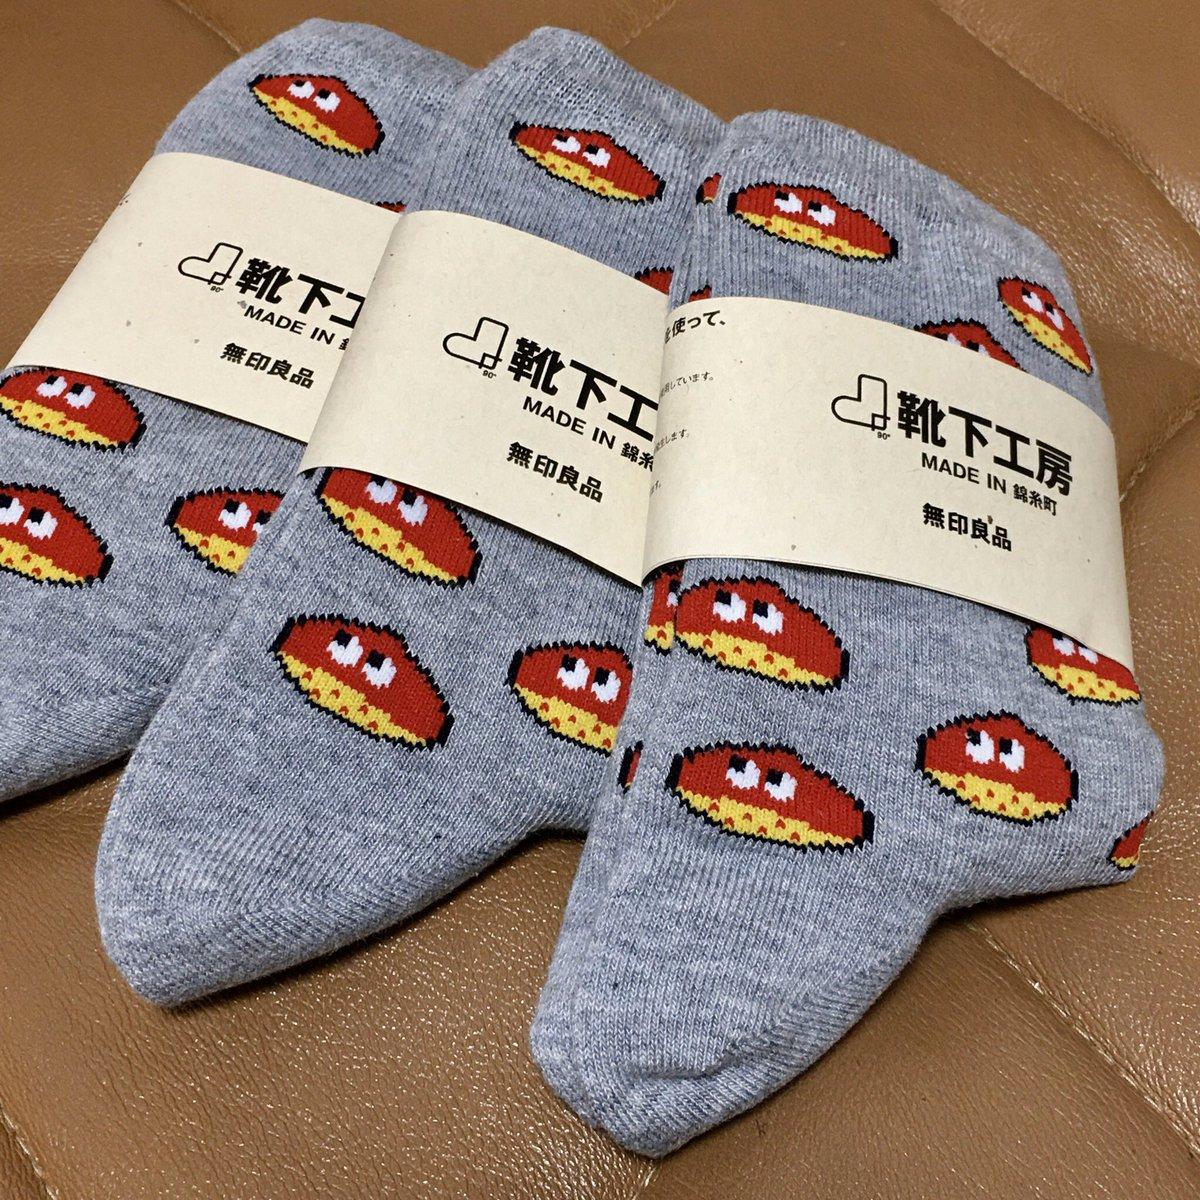 錦糸町の無印良品で作った!店舗のPCで一からつくる靴下がかわいい!